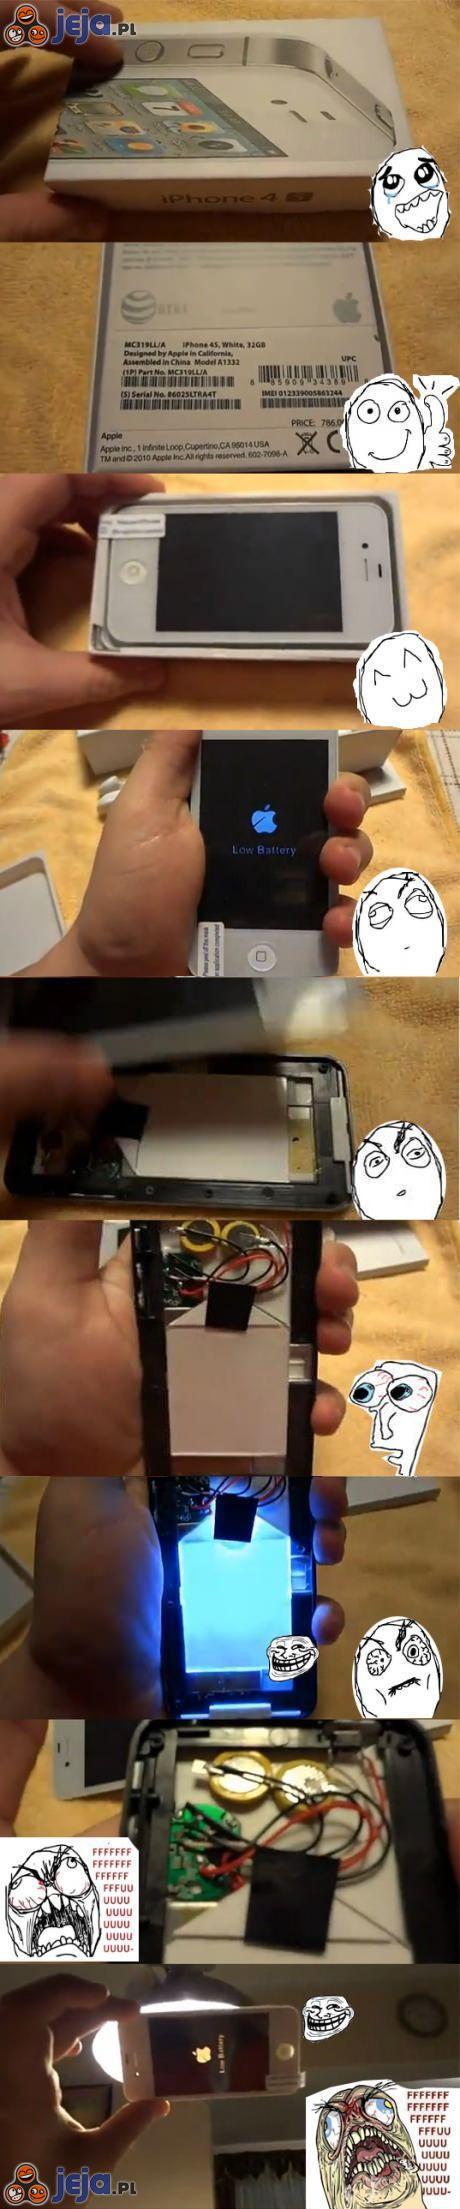 Kupiłem iPhone'a na allegro po okazyjnej cenie...